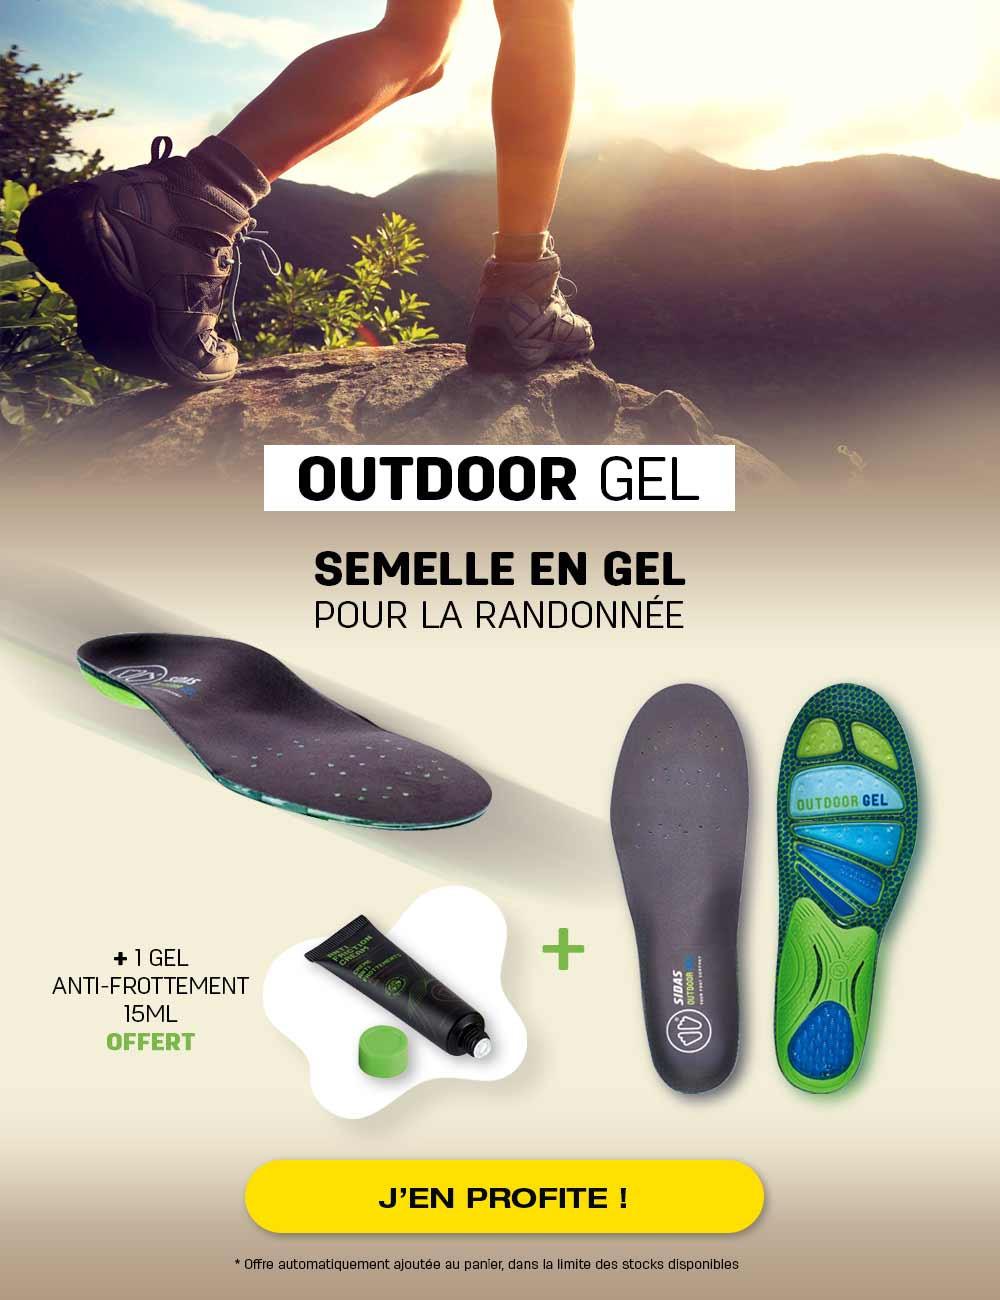 Un tube de gel anti-frottement offert pour l'achat d'une paire de semelles gel pour la randonnée!